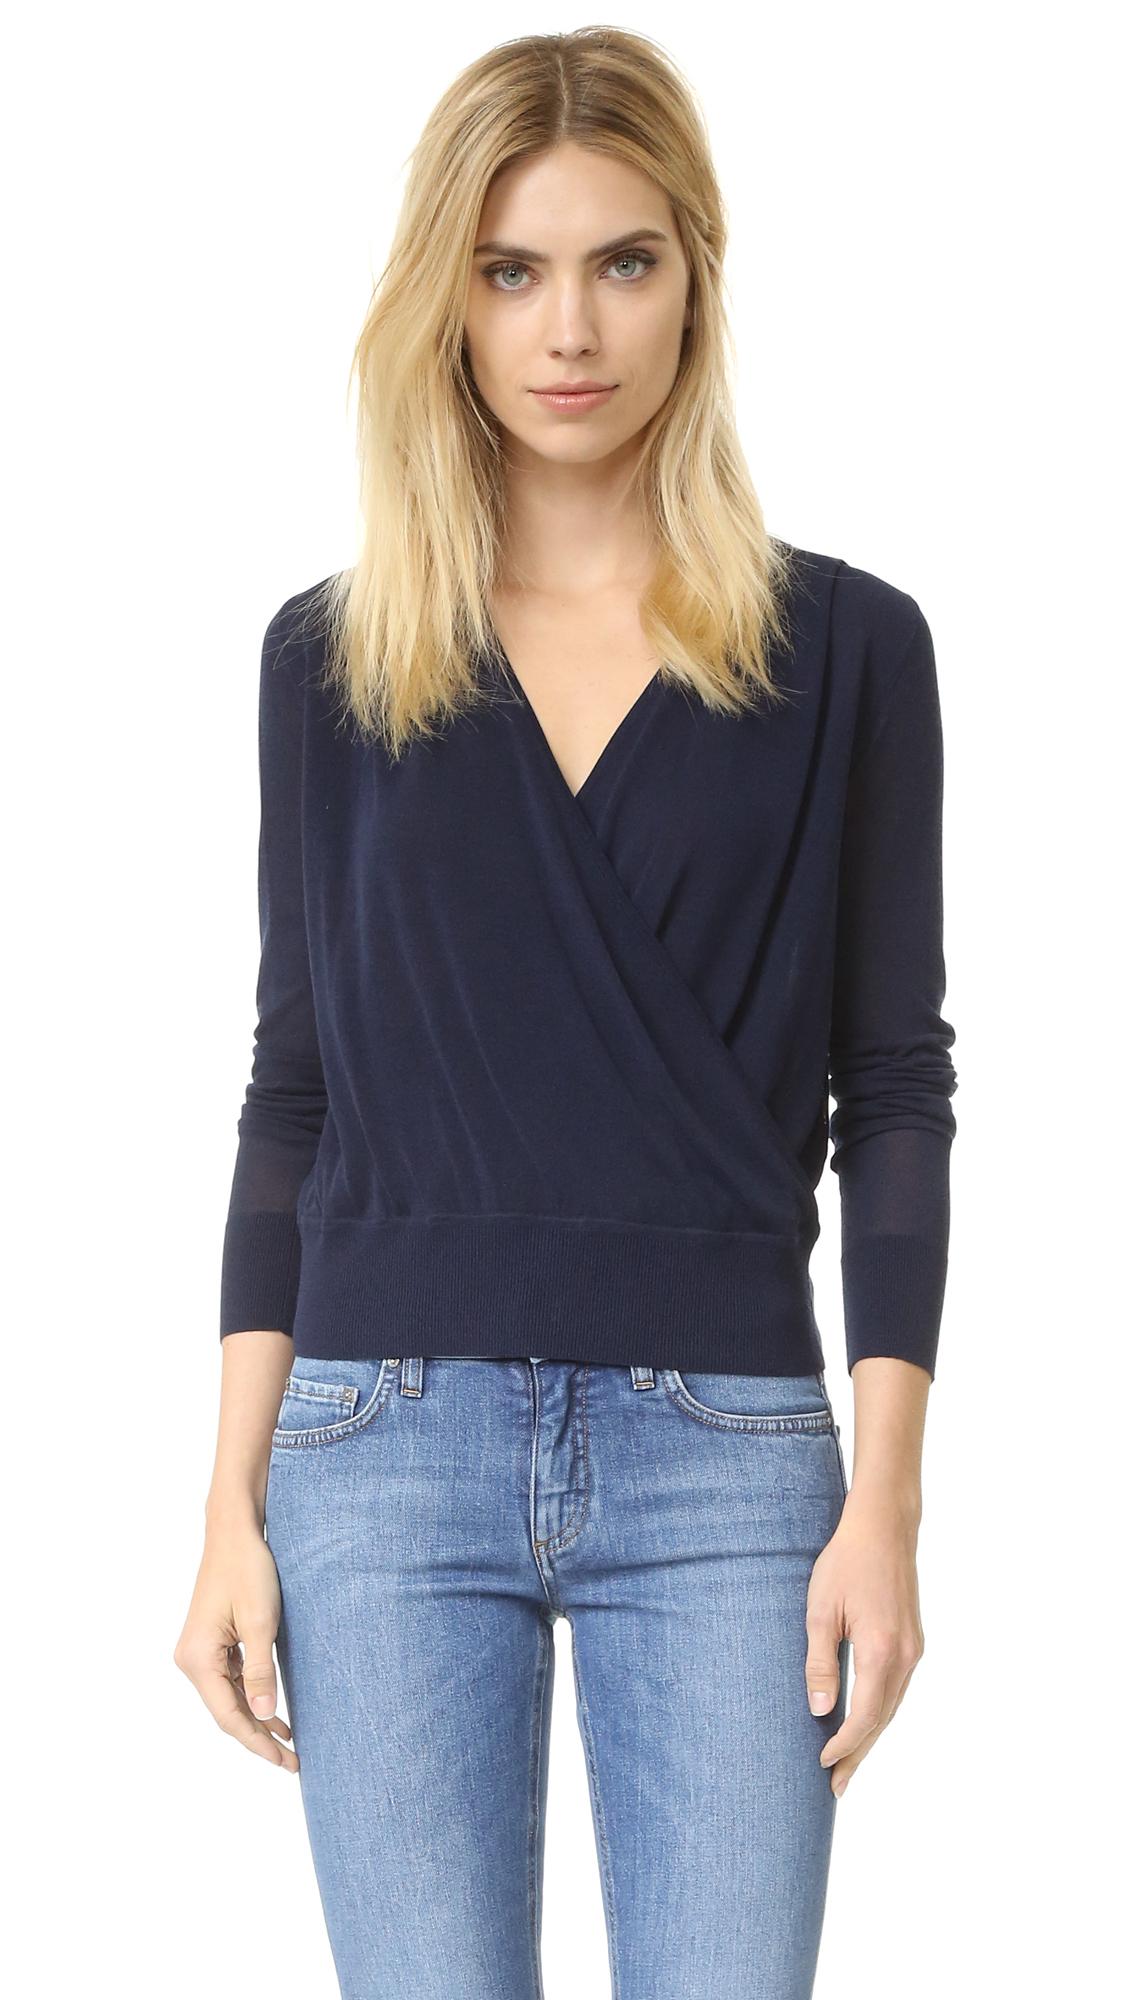 lyst diane von furstenberg paz sweater in blue. Black Bedroom Furniture Sets. Home Design Ideas